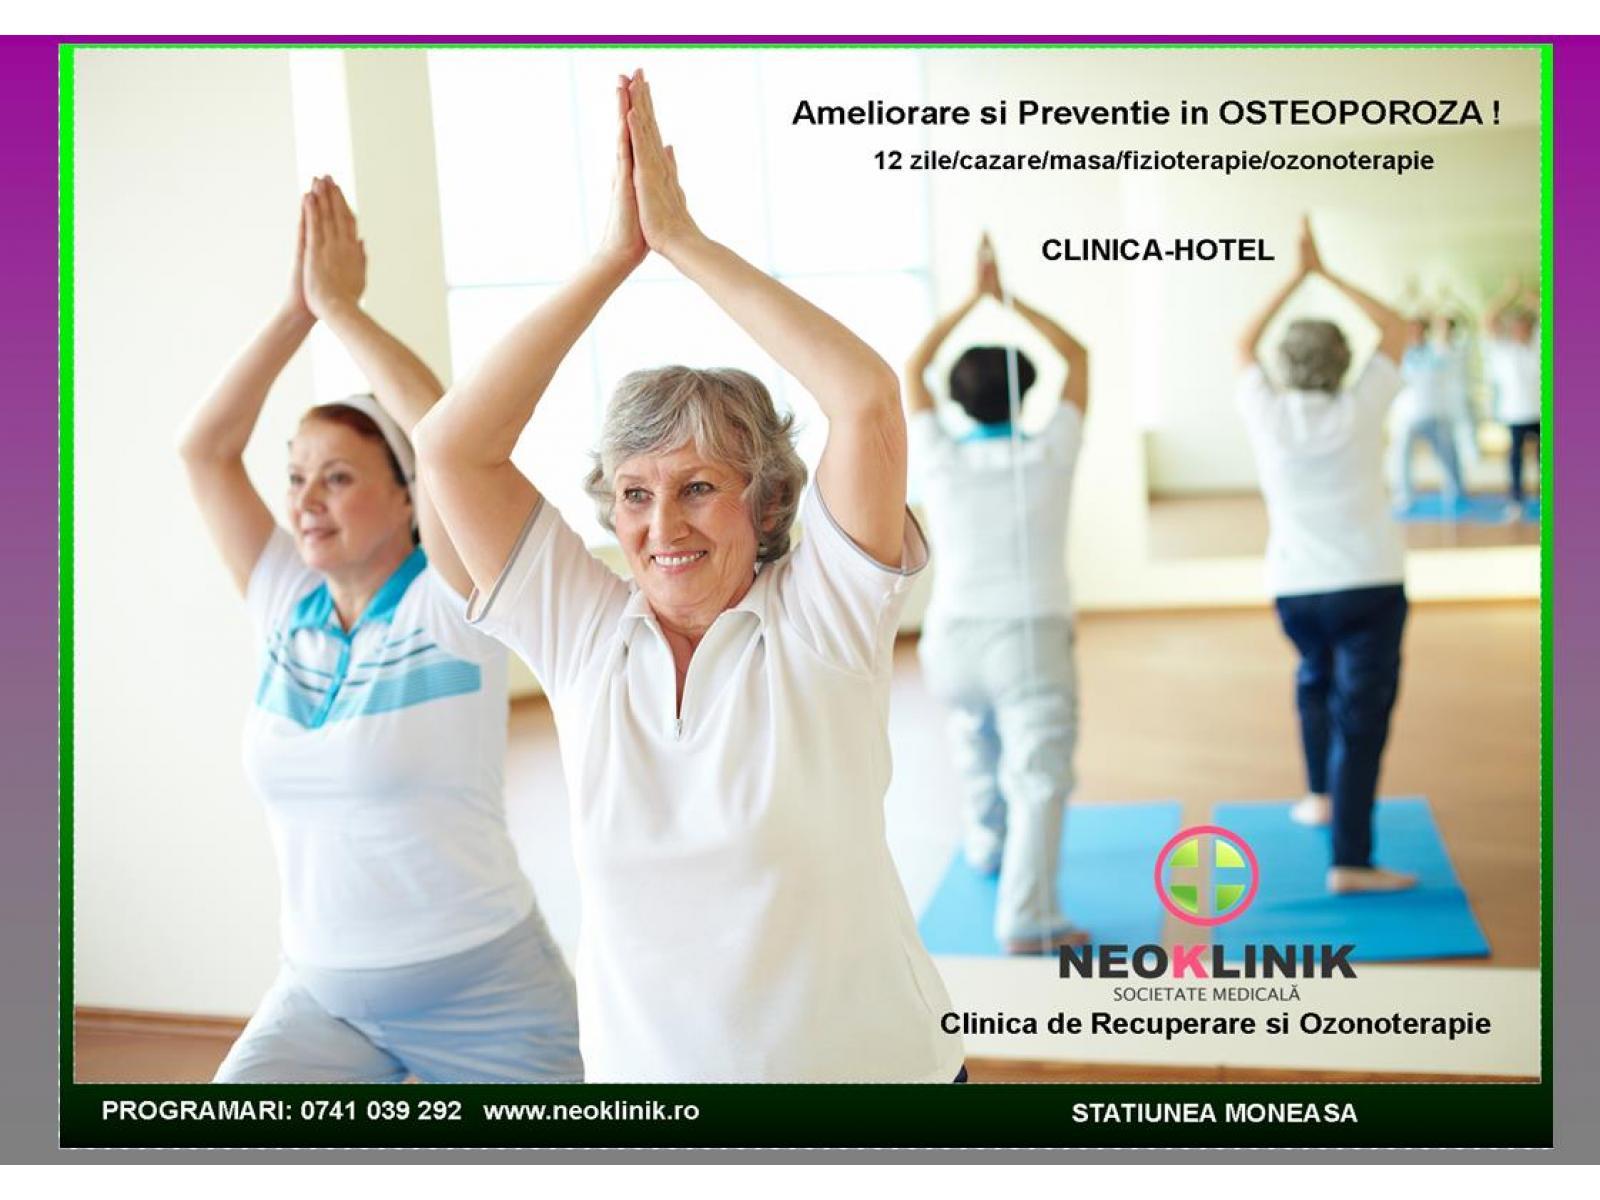 NeoKlinik - Osteoporoza.jpg